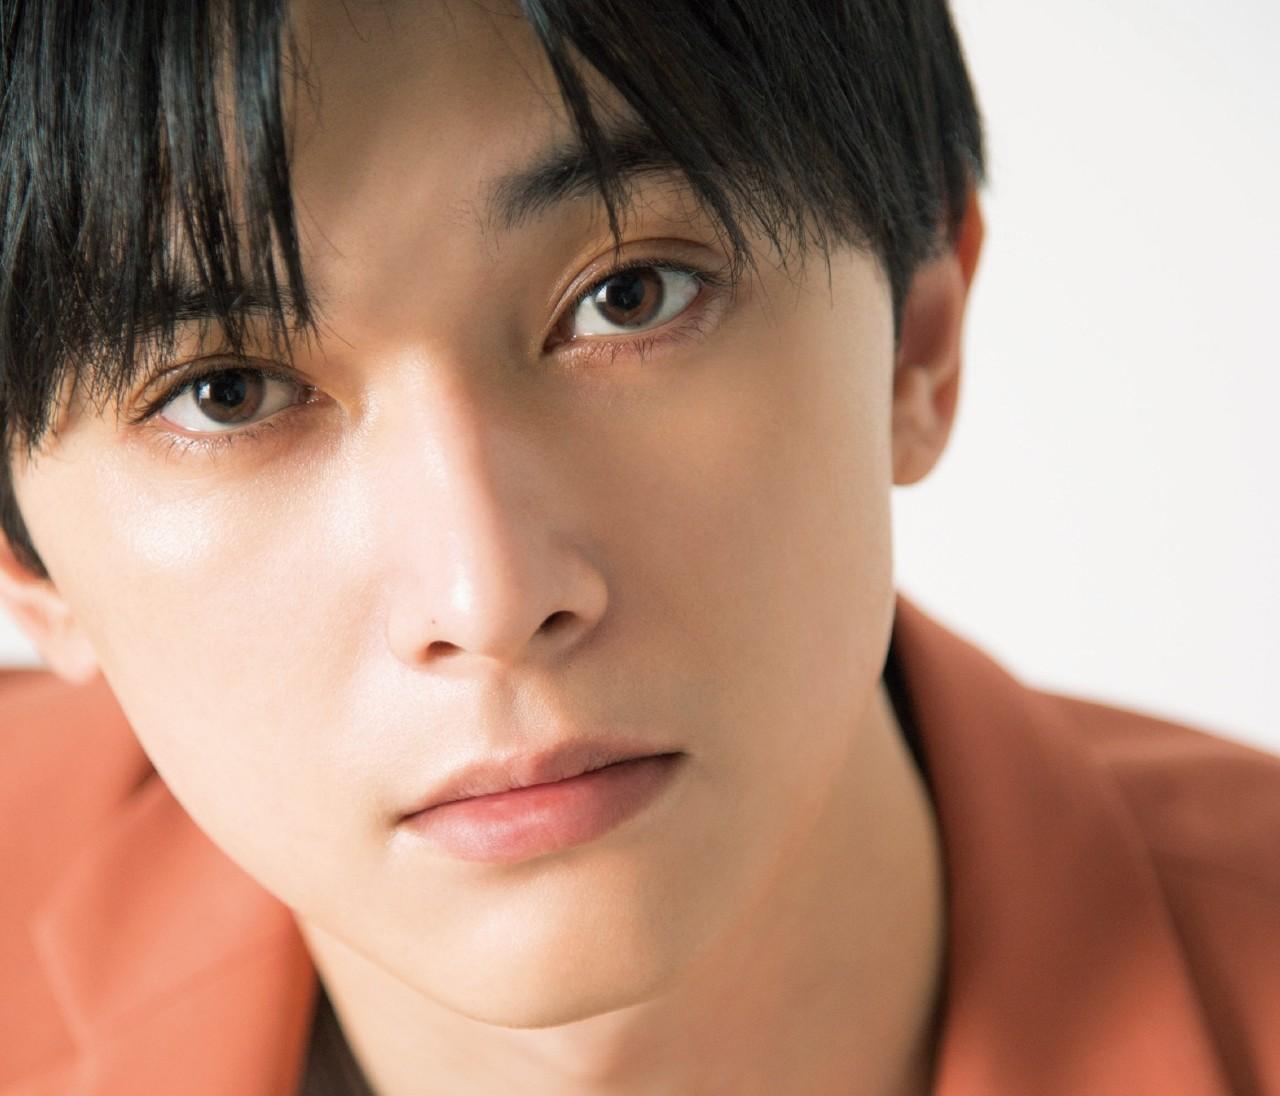 【俳優・吉沢 亮インタビュー】俳優生活10周年で声優に初挑戦。その熱い思いとは